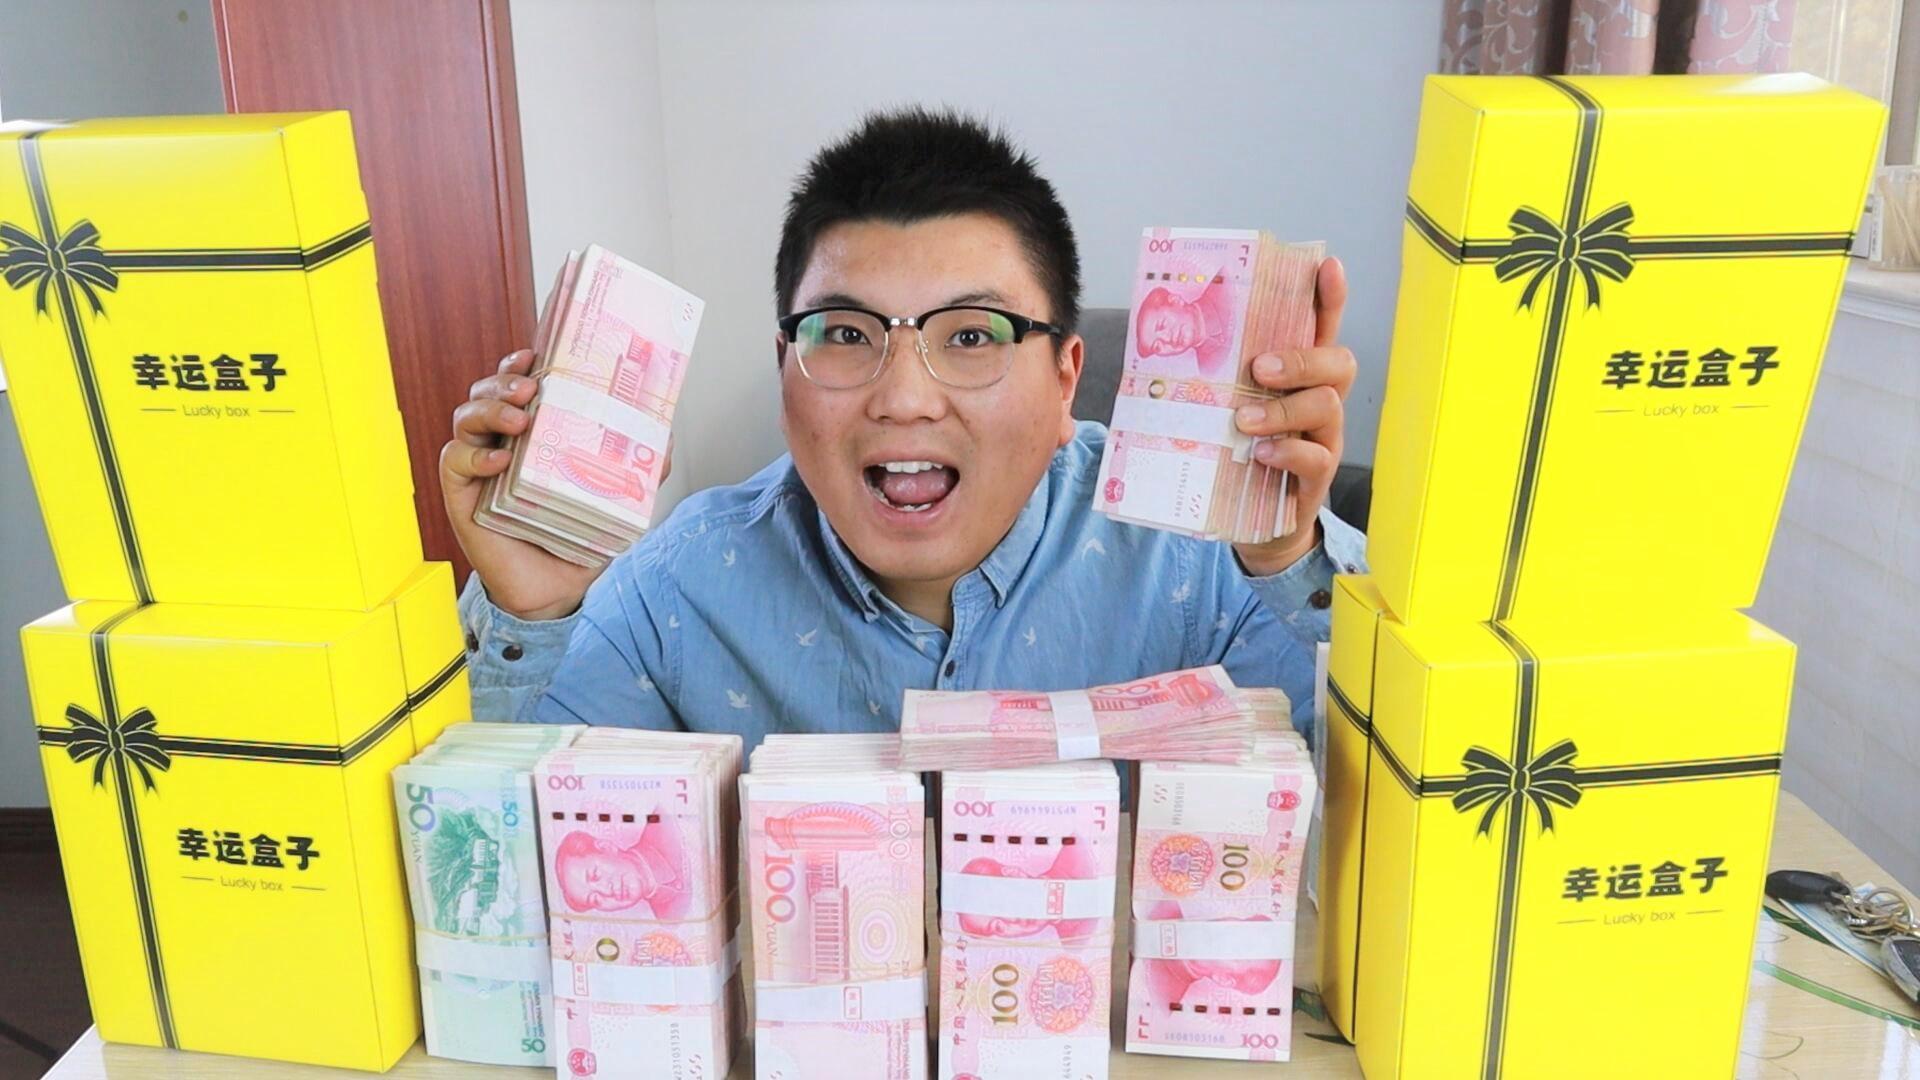 10000块钱买100个幸运盒子,这次又中了一部手机,给老婆用吗?